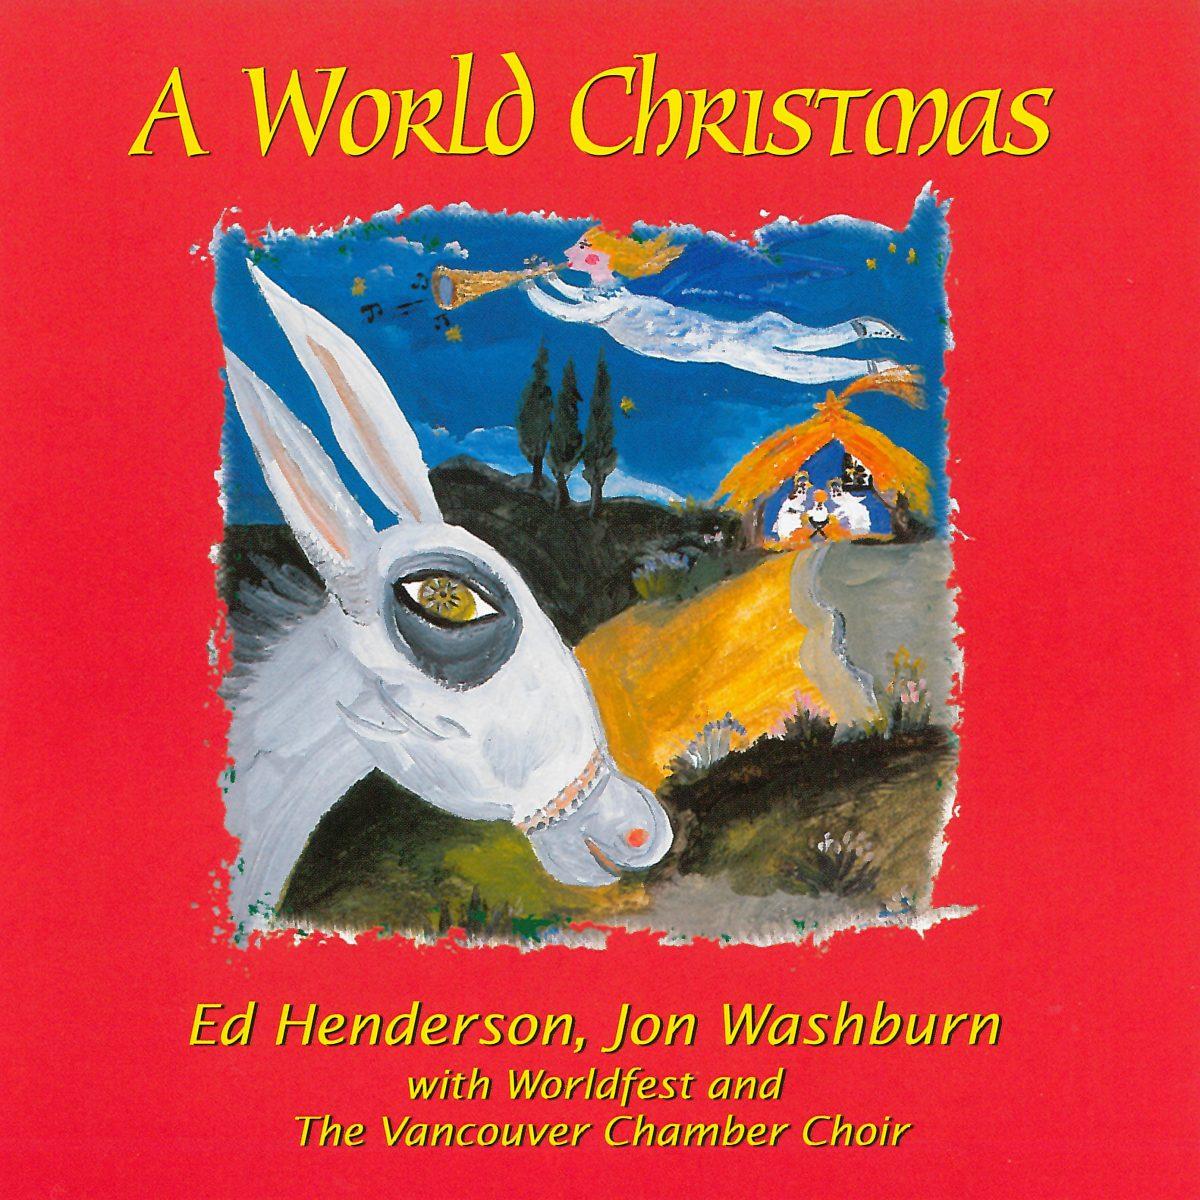 A World Christmas